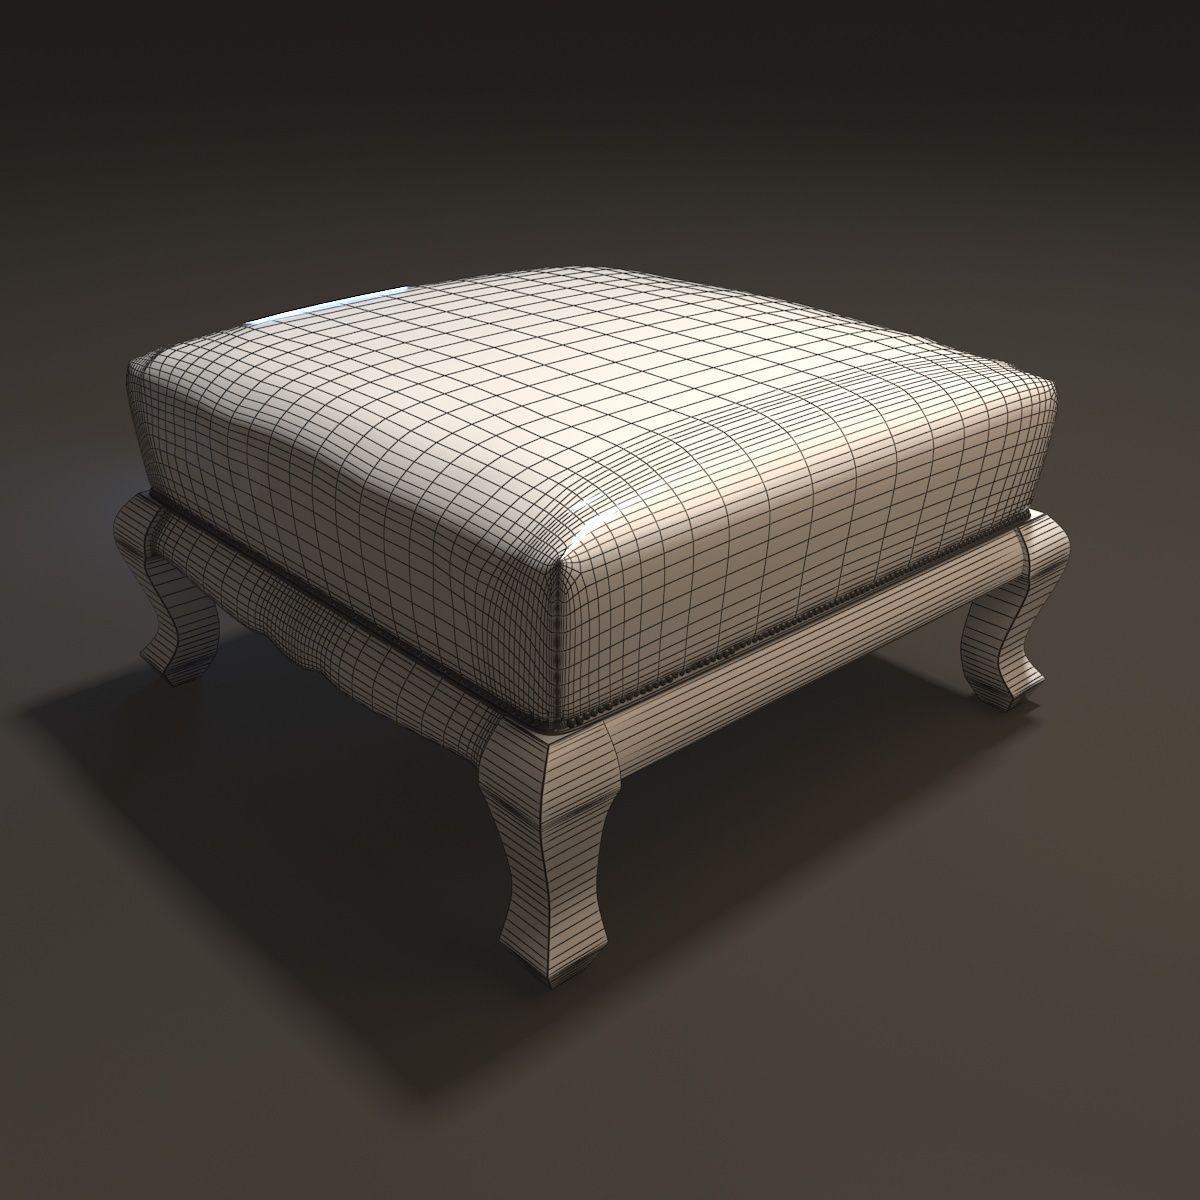 Footrest Furniture 3